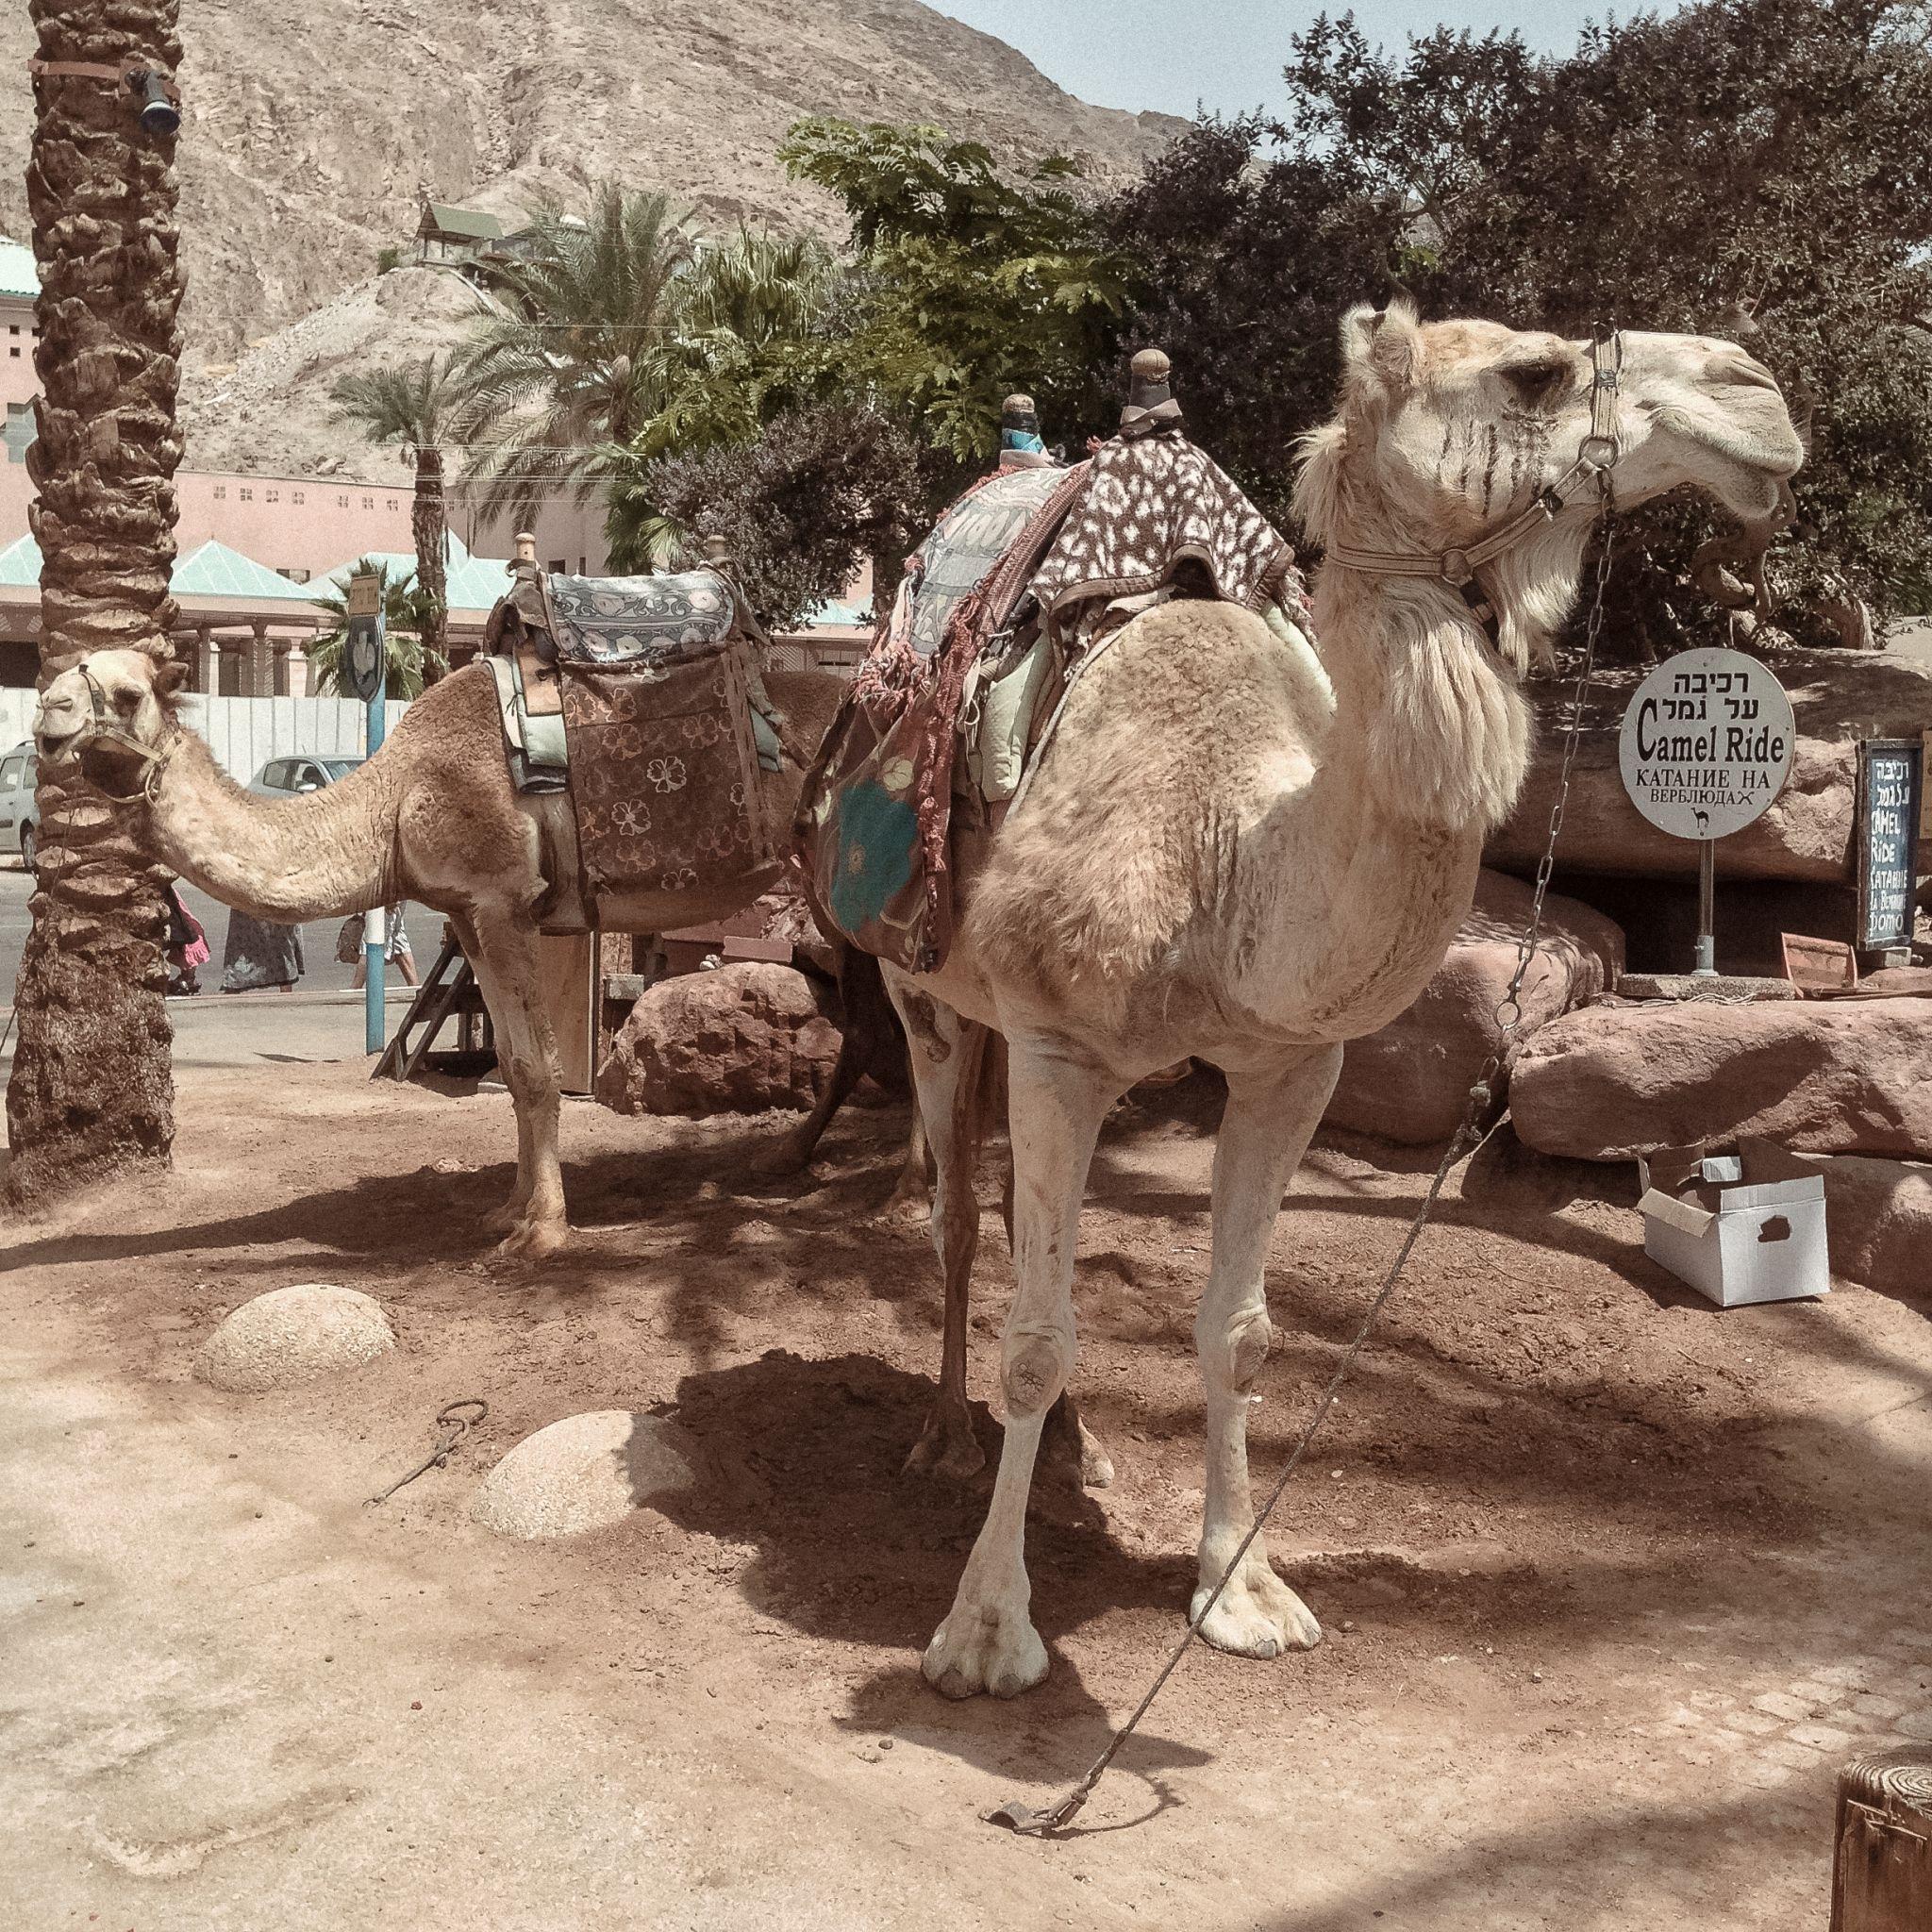 Camels Eilat Israel